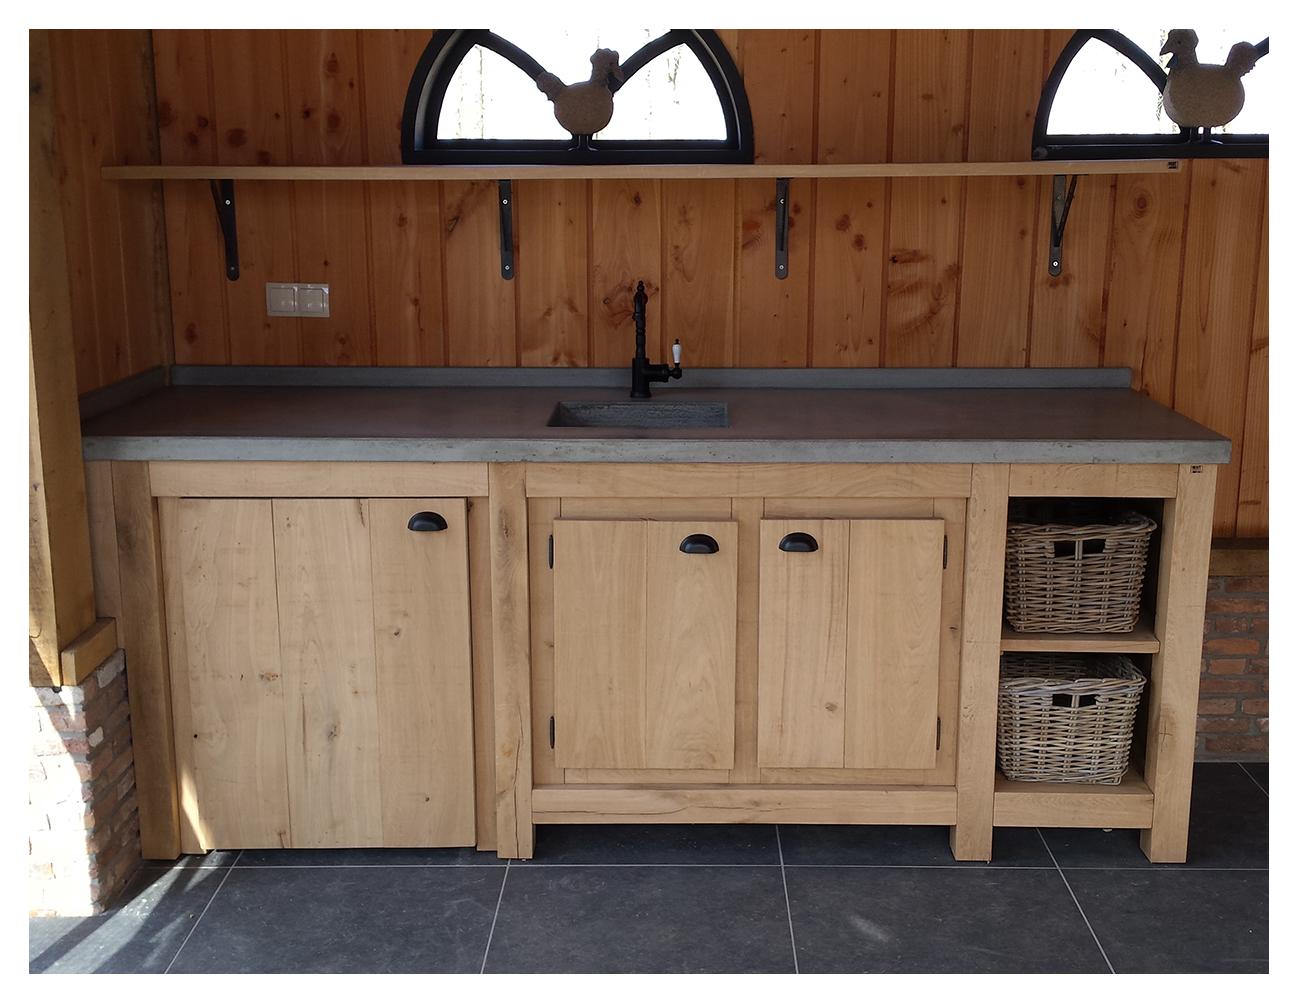 Houten Keuken Beton : Robuust eiken keuken met betonnen blad houtsmederij